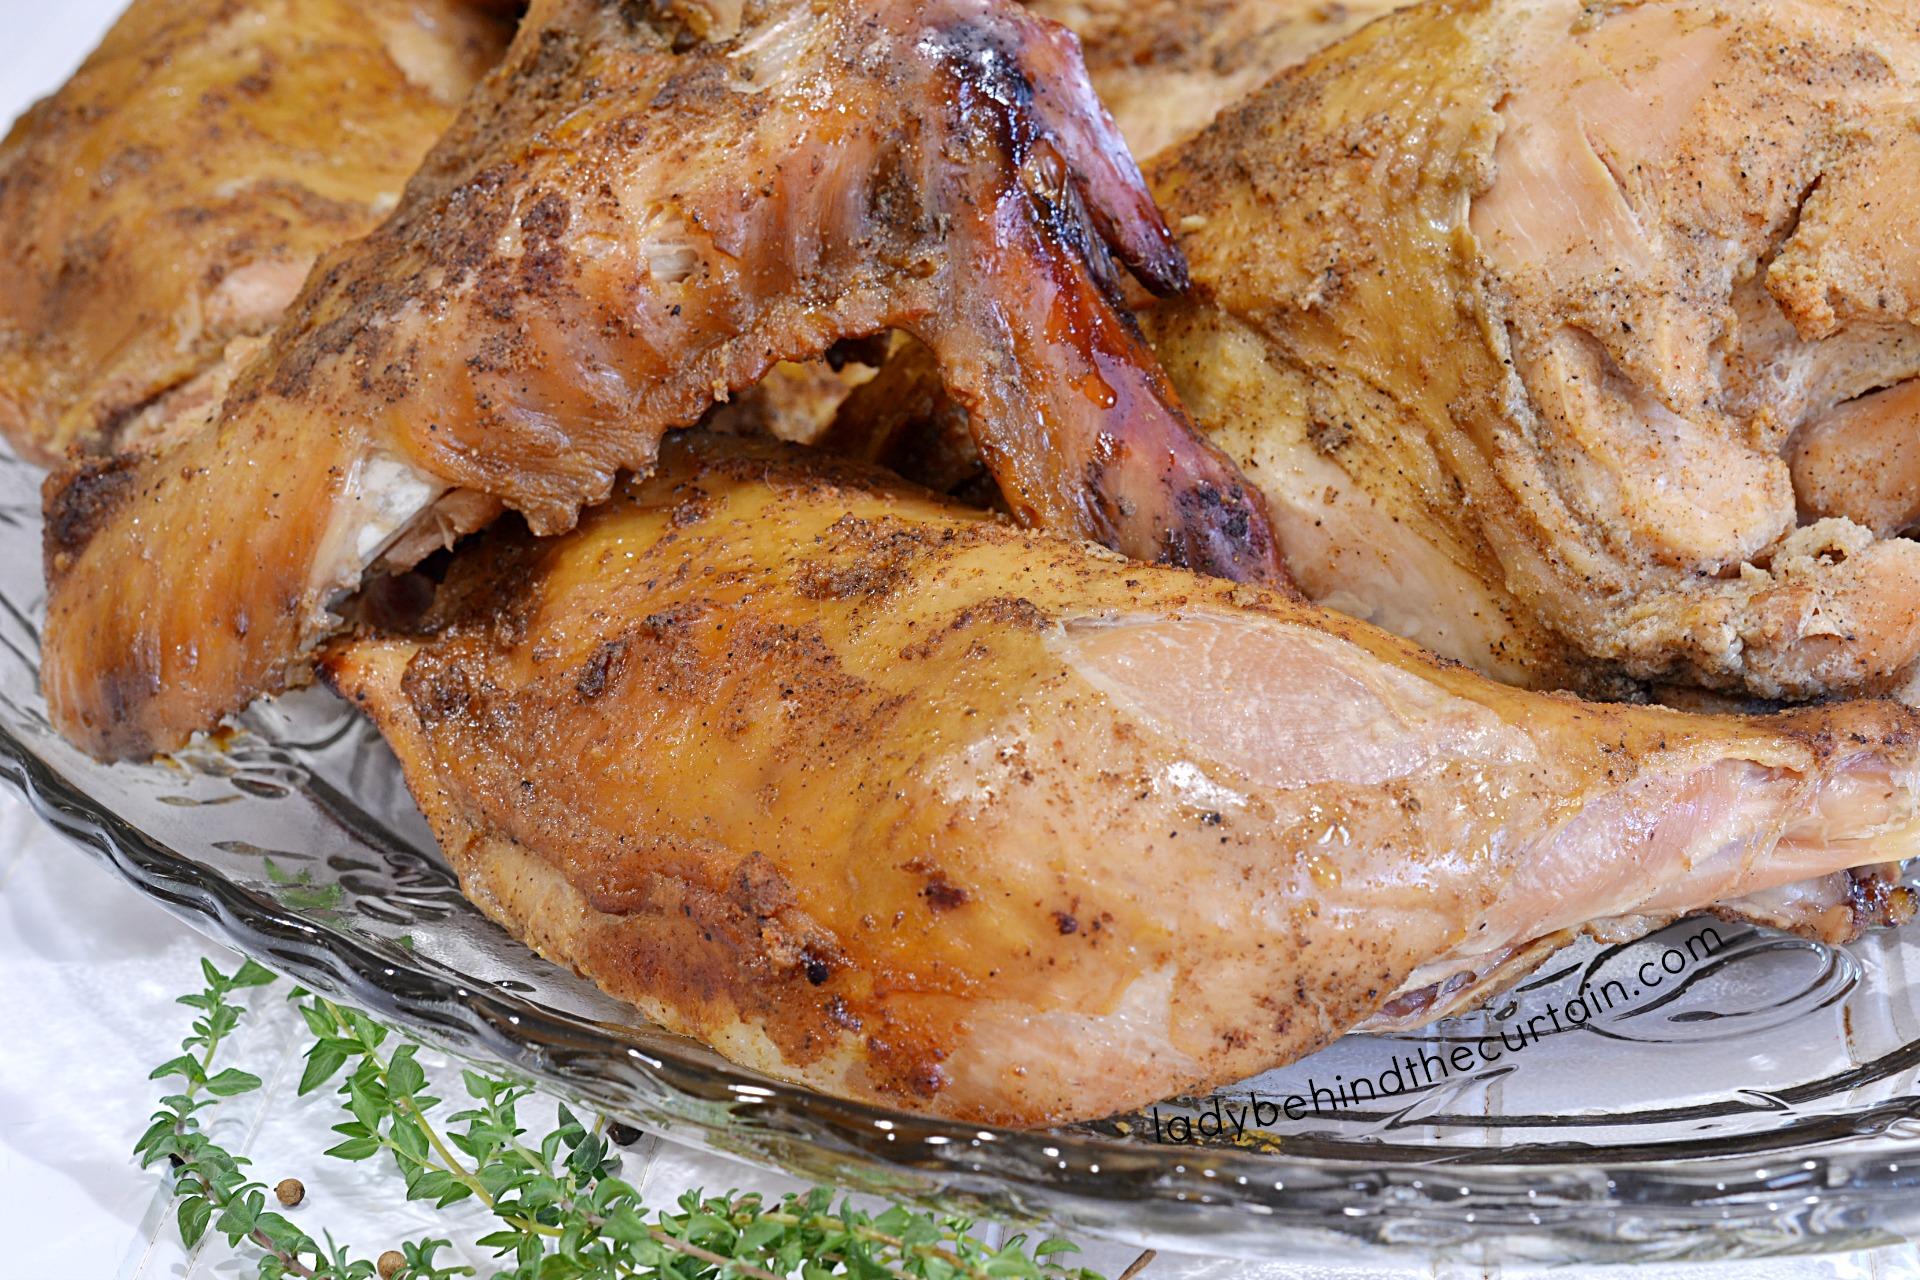 How to Smoke a Turkey Two Ways